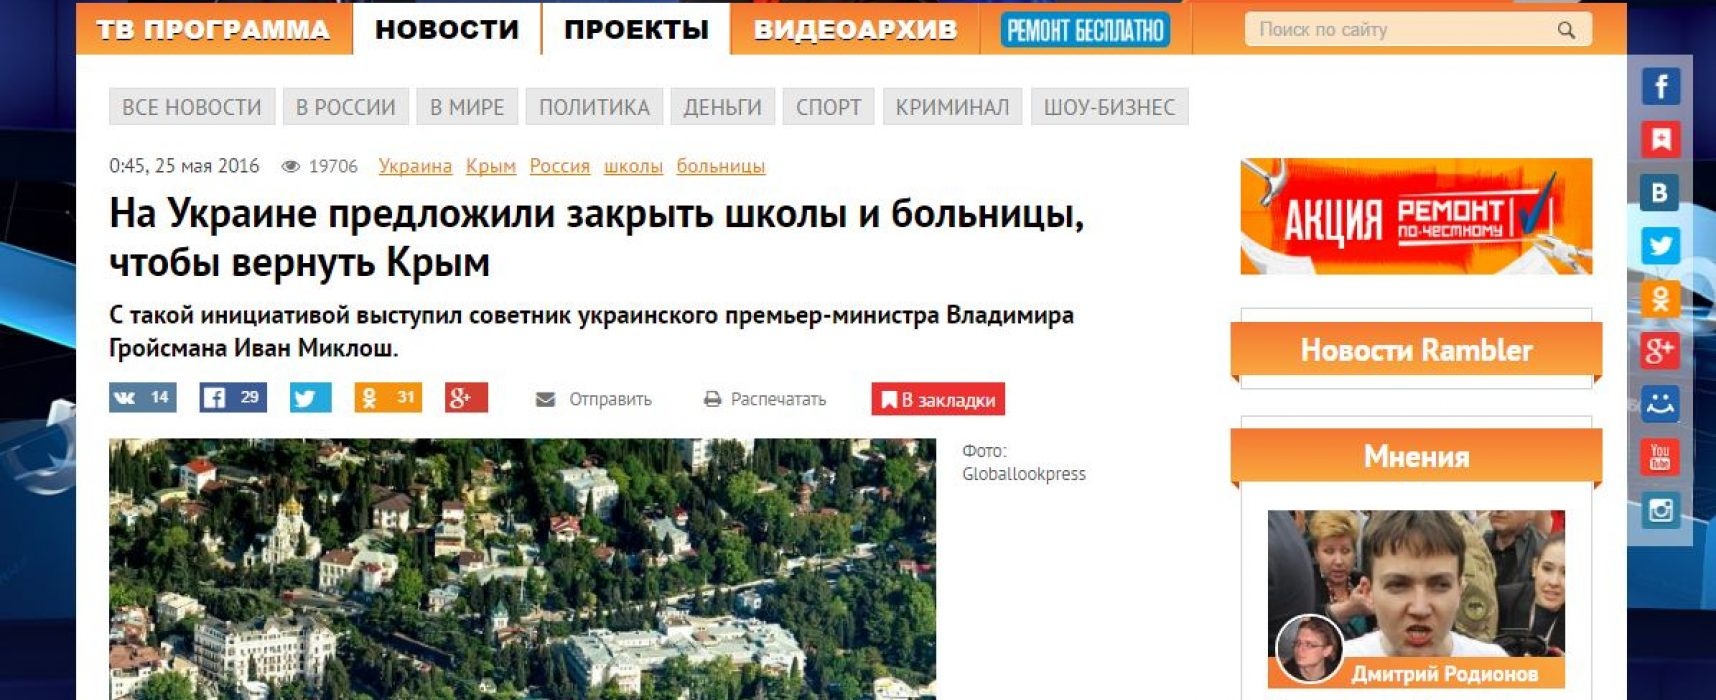 Фейк: на Украйна й предлагат да закрива училища и болници, за да си върне Крим